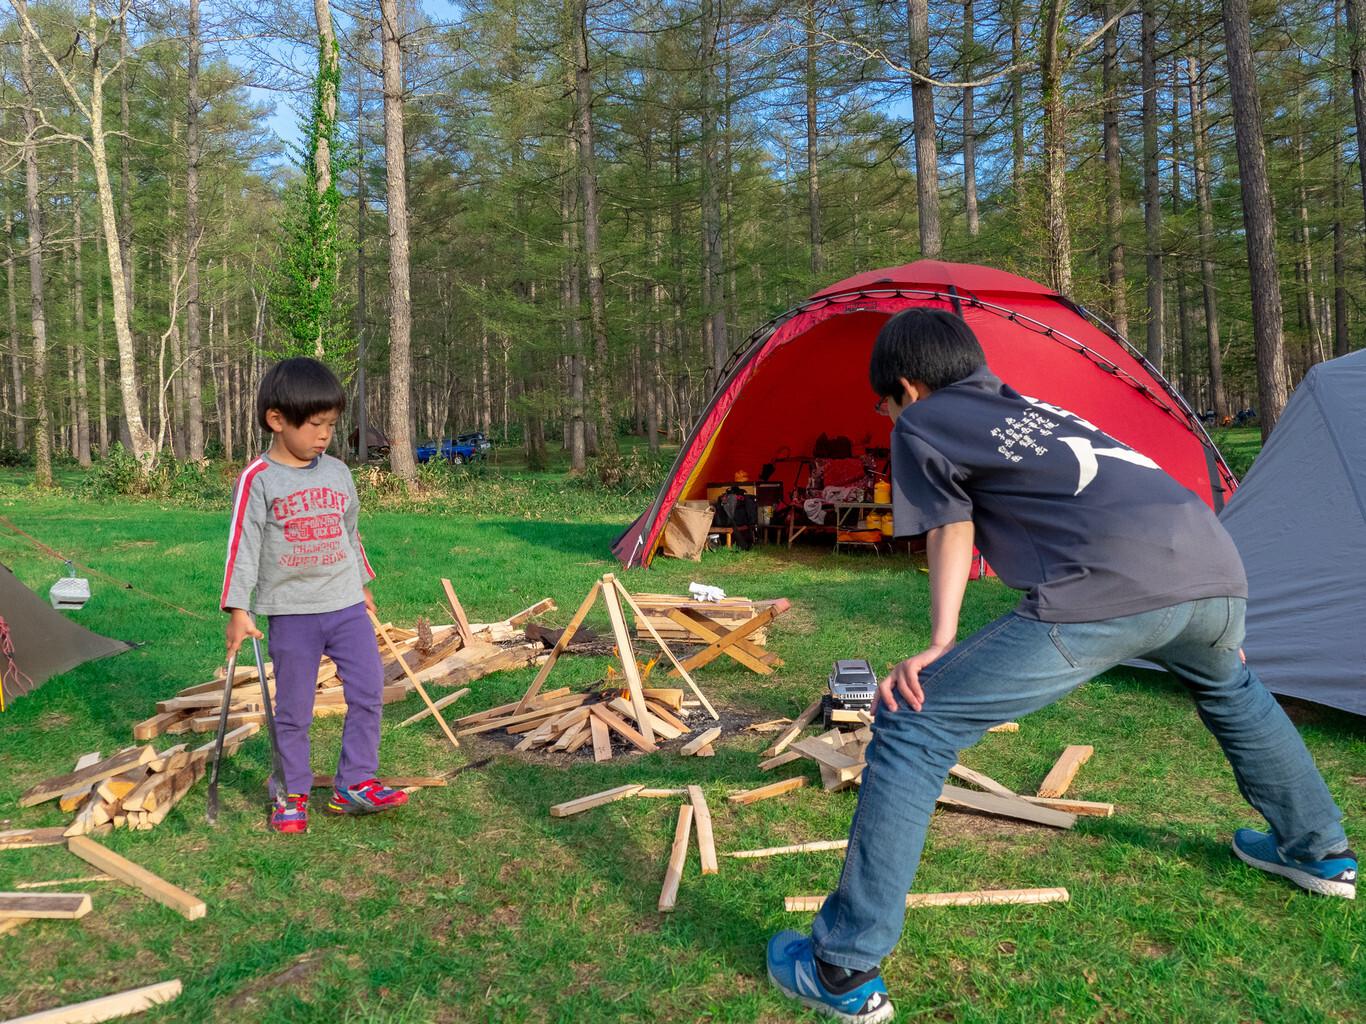 戸隠イースタンキャンプ場 の写真p9341